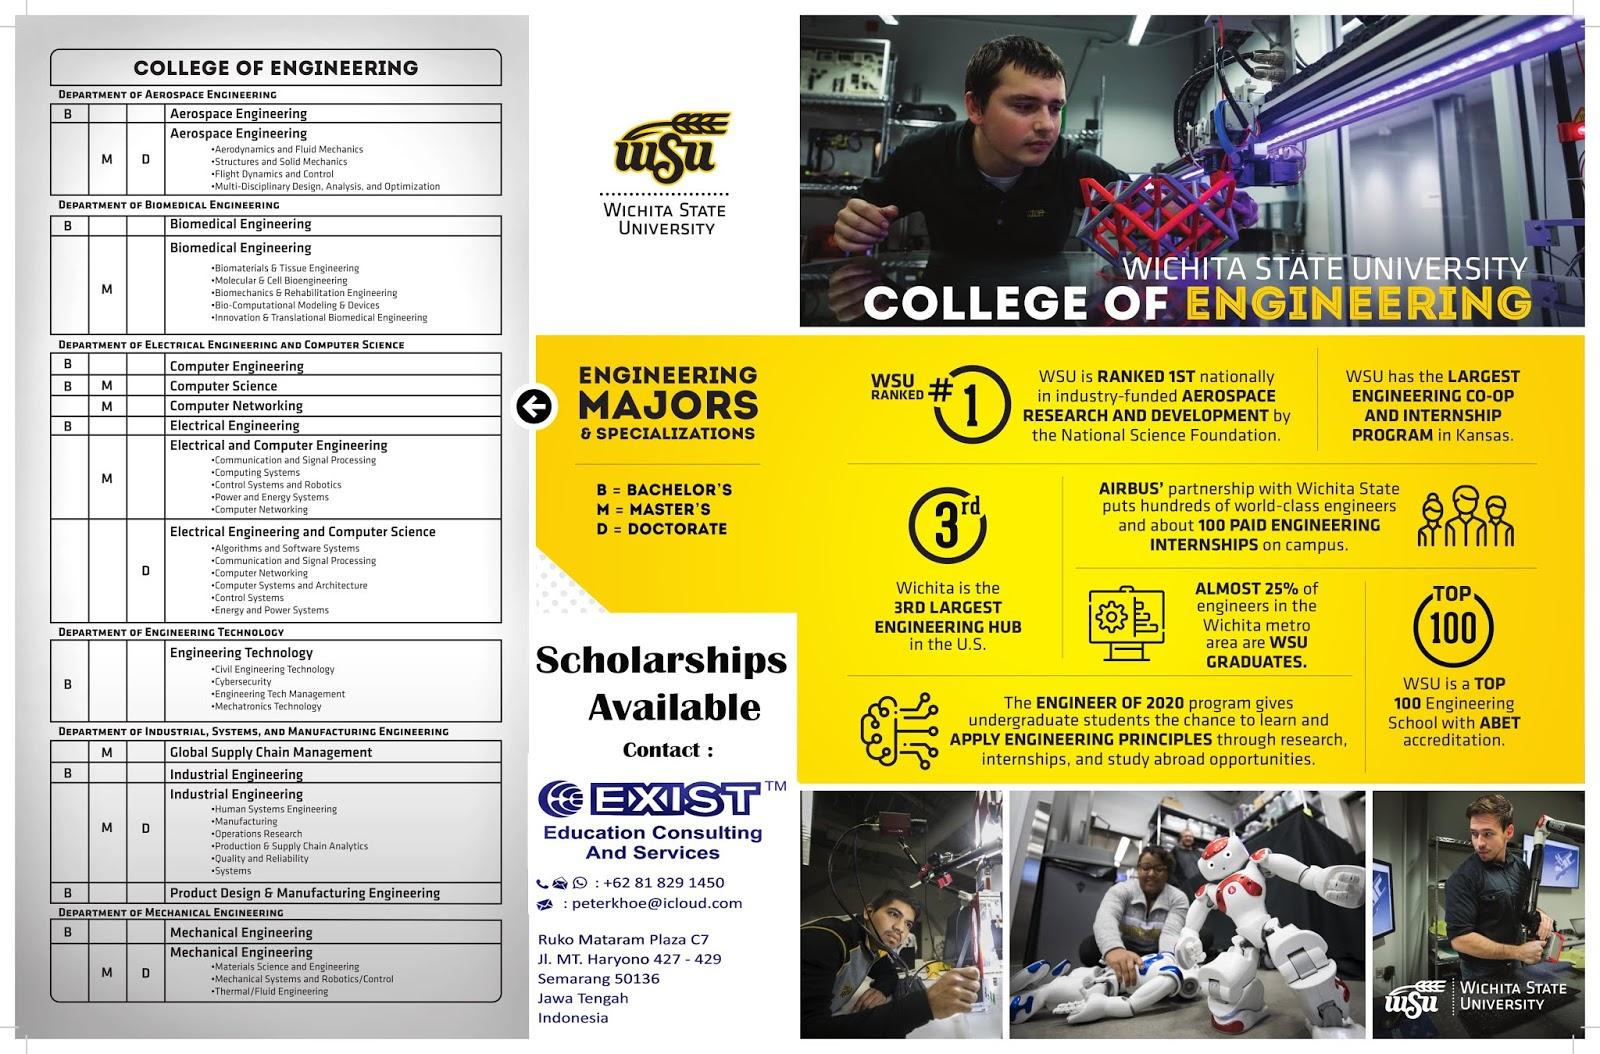 Anda layak mendapatkan Beasiswa Pendidikan di Wichita University, USA?